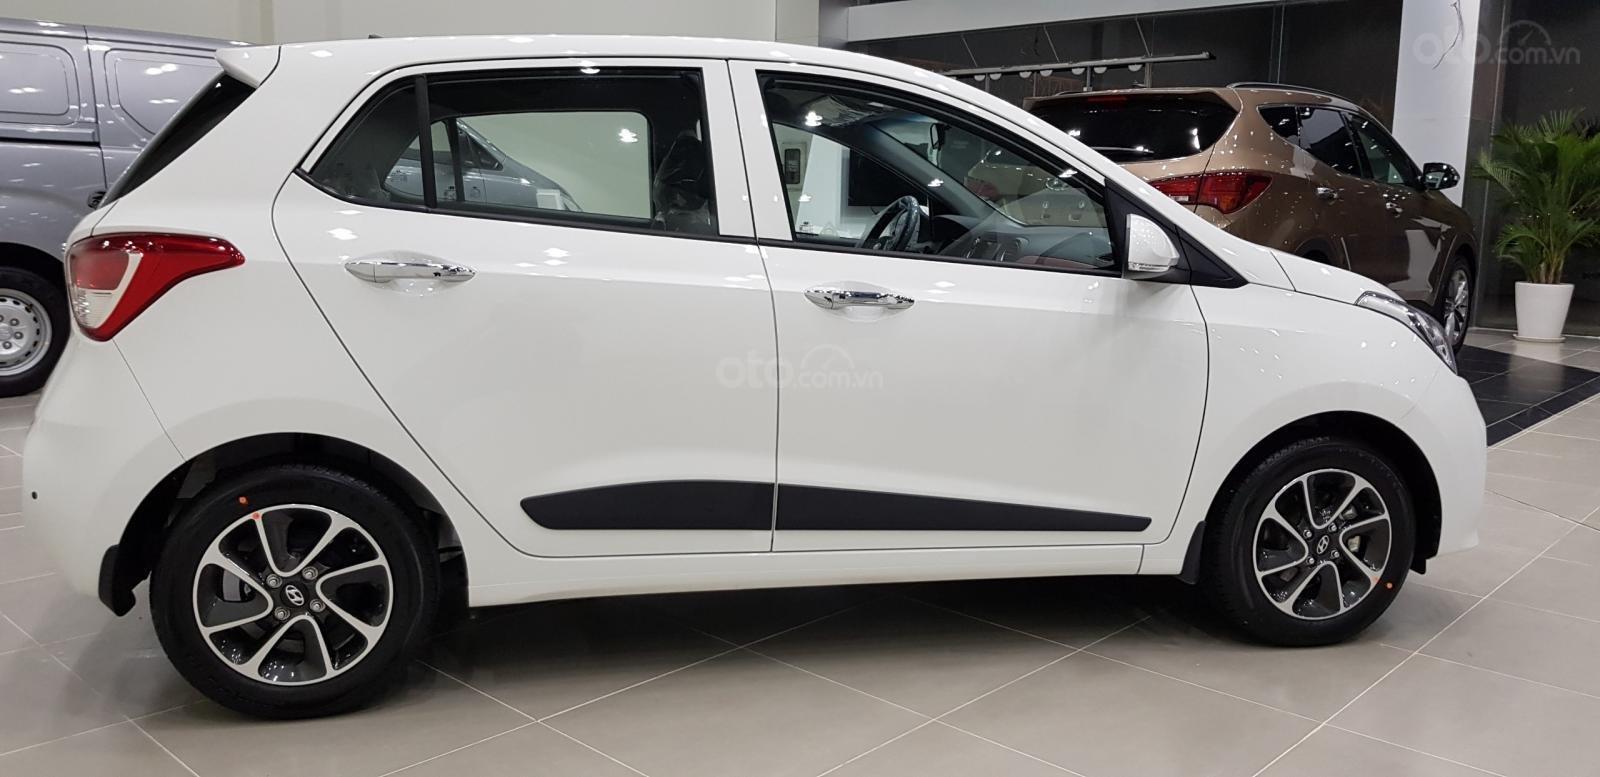 Bán Hyundai i10 hatchback, sản xuất 2019, có giao ngay, giá cạnh tranh, đủ màu, LH 0971626238 (4)